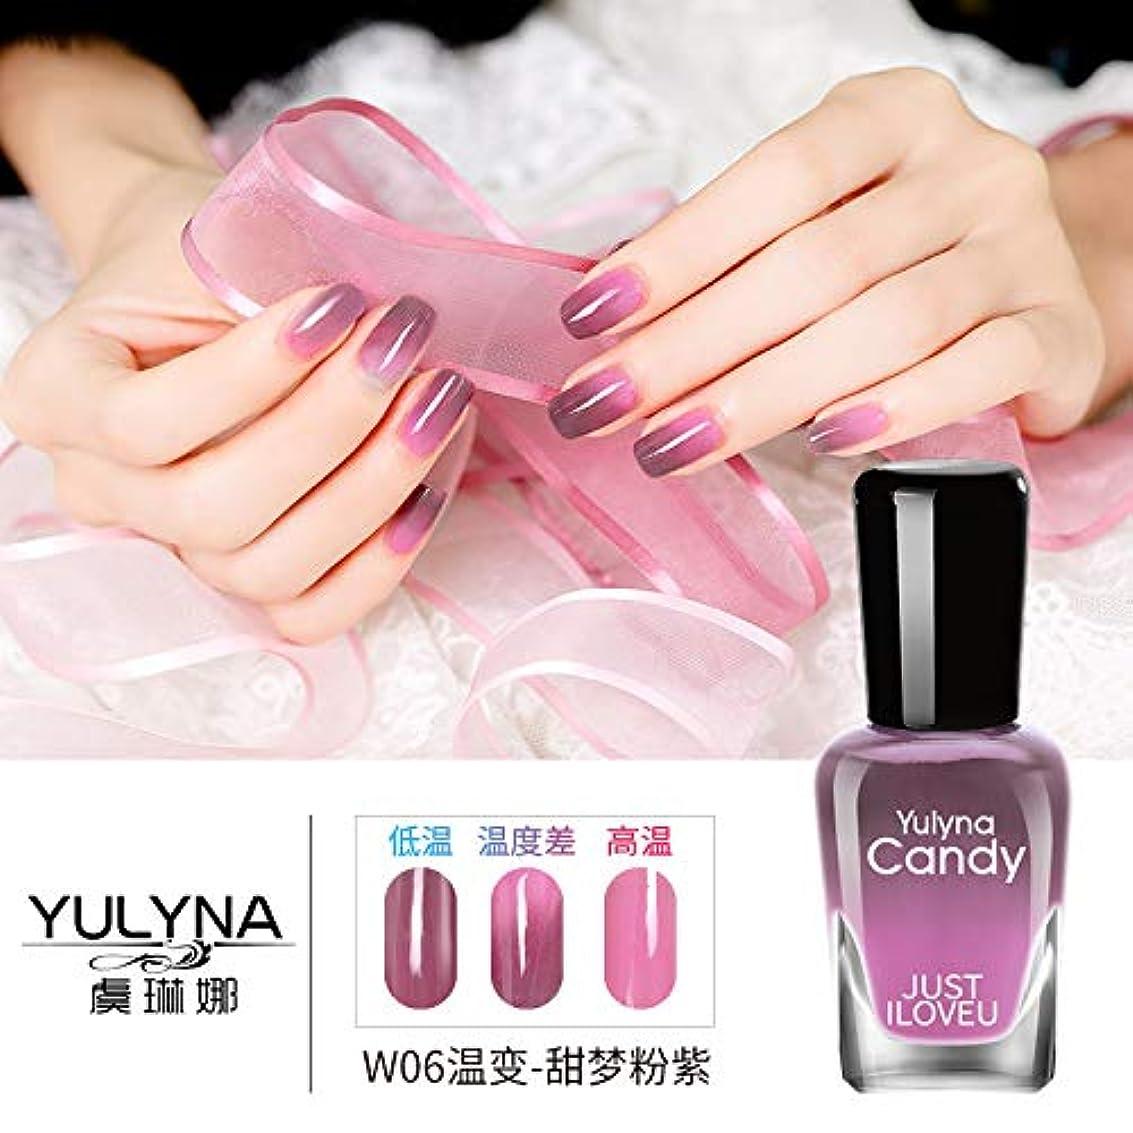 メンダシティ保存泥沼油性温度変化マニキュア卸売Unpeelable耐久性と速乾性7(ml)7 ml Sweet Dream Pink-W06 2パック